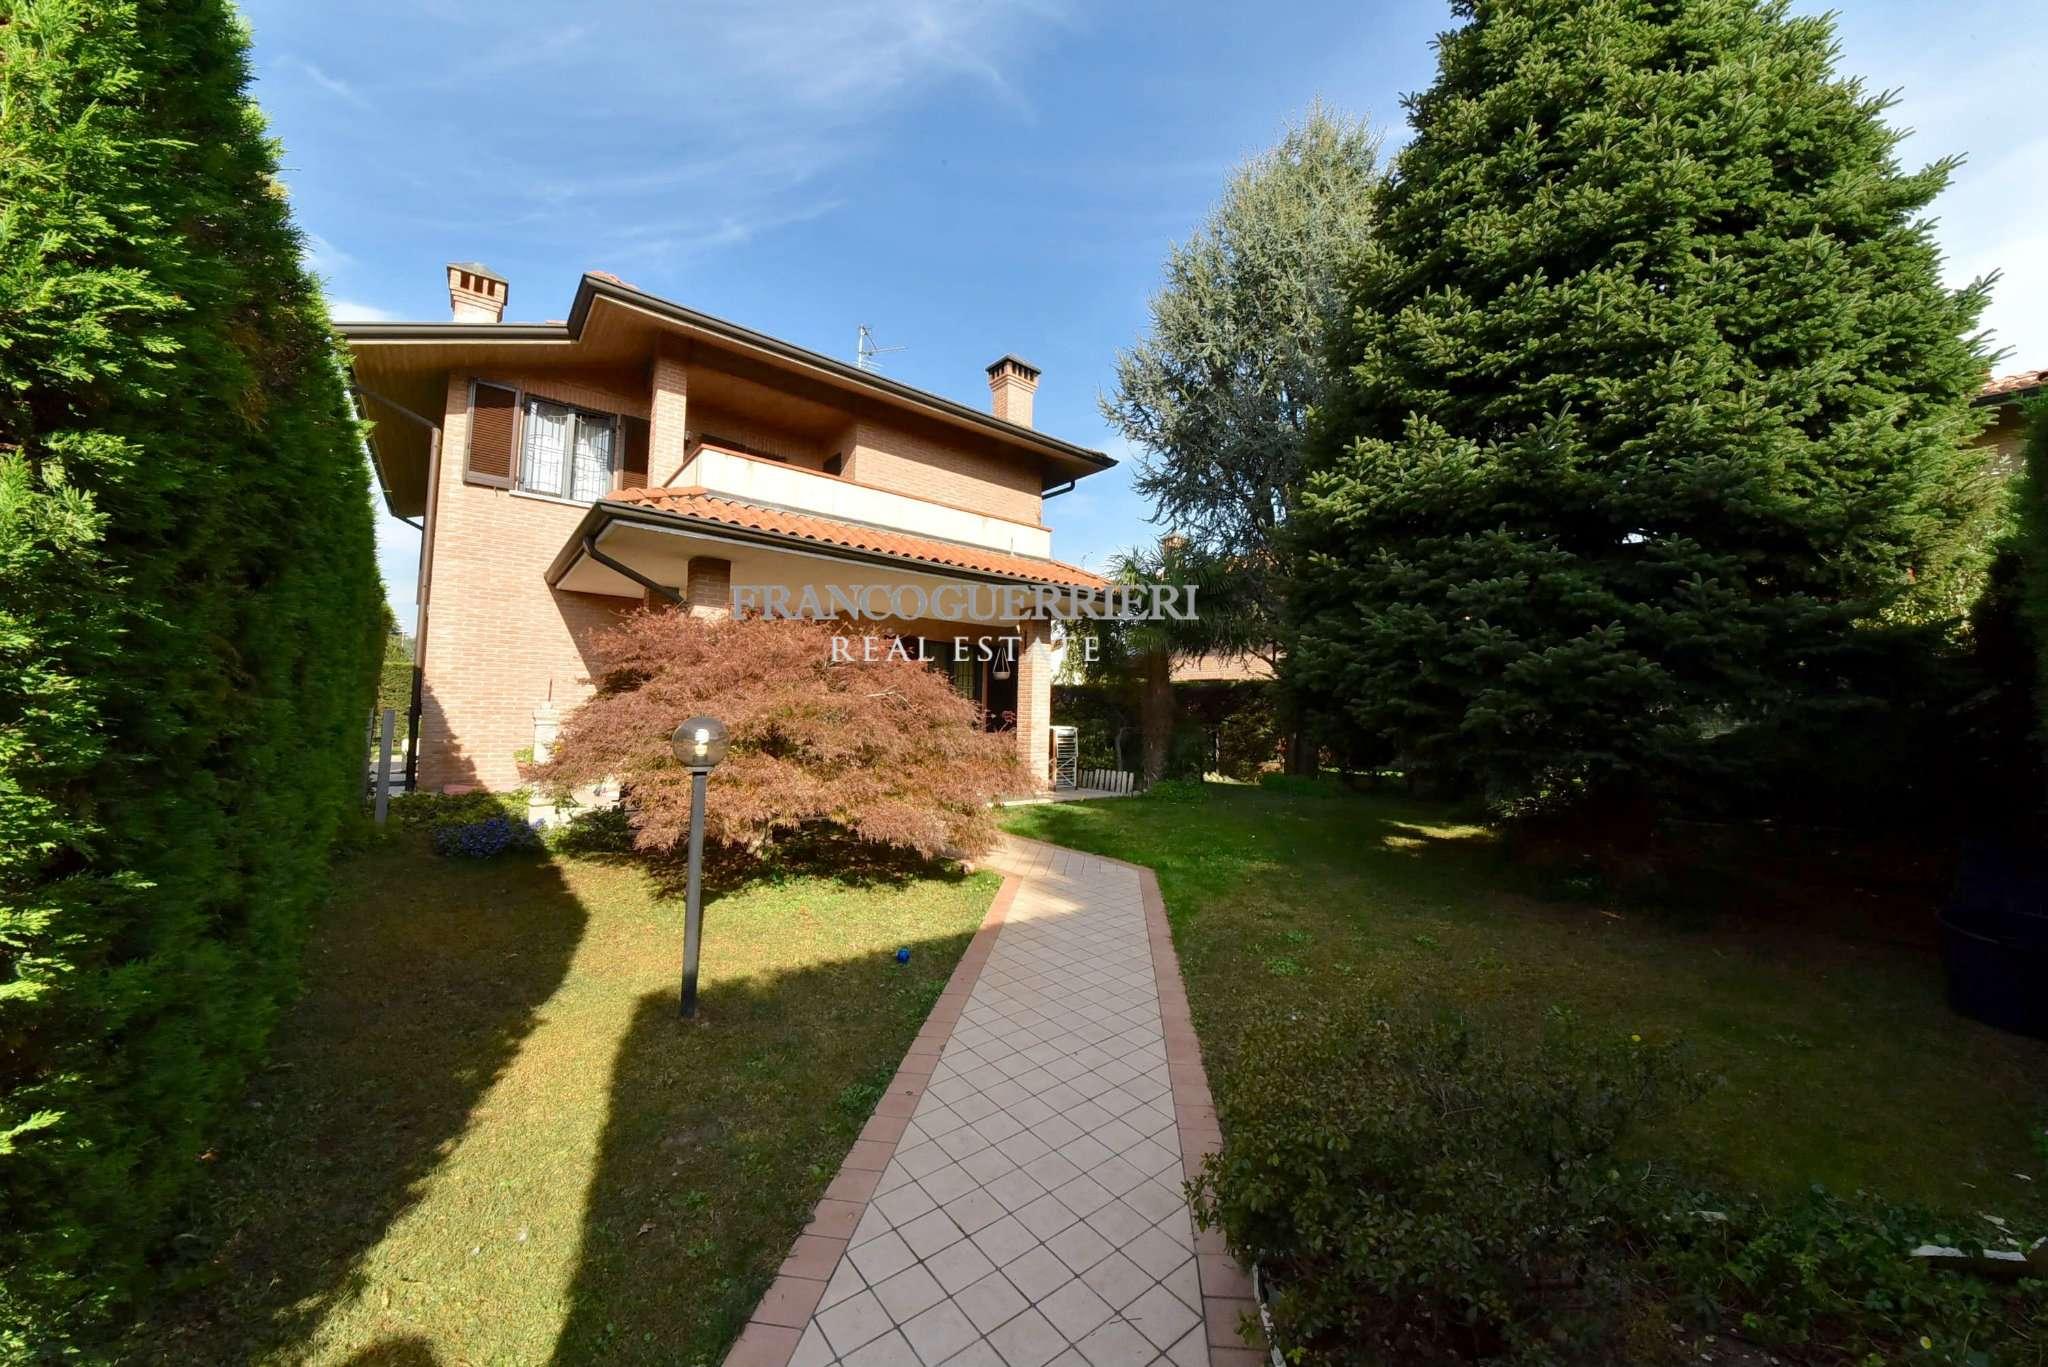 Villa in Vendita a Arcore: 4 locali, 310 mq